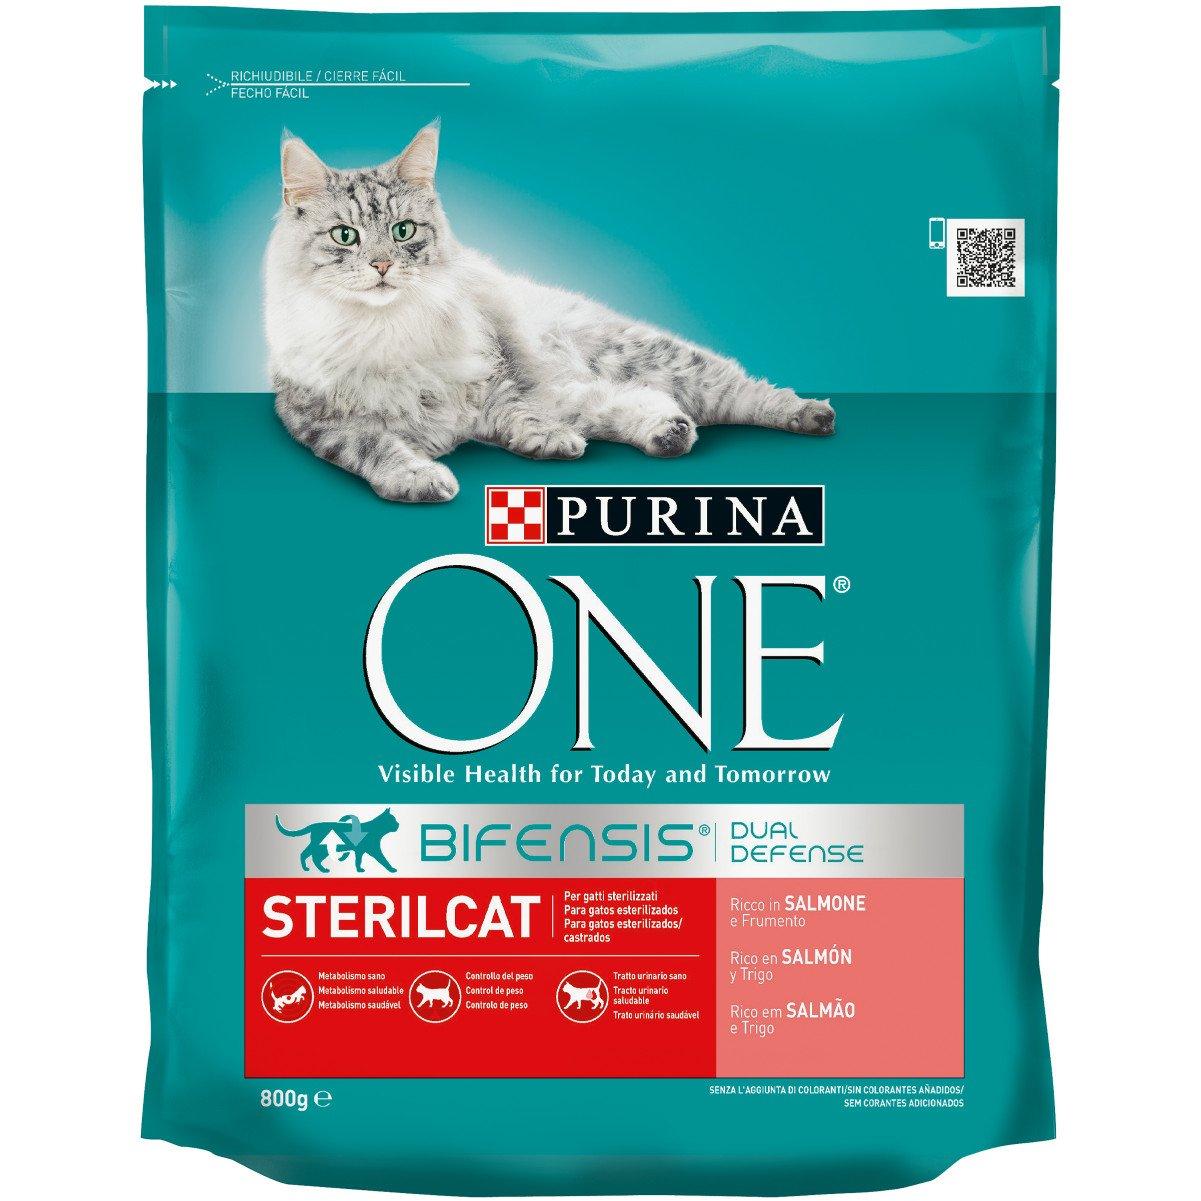 Purina ONE Bifensis Pienso para Gatos Esterilizados Salmón y Trigo 8 x 800 g: Amazon.es: Productos para mascotas